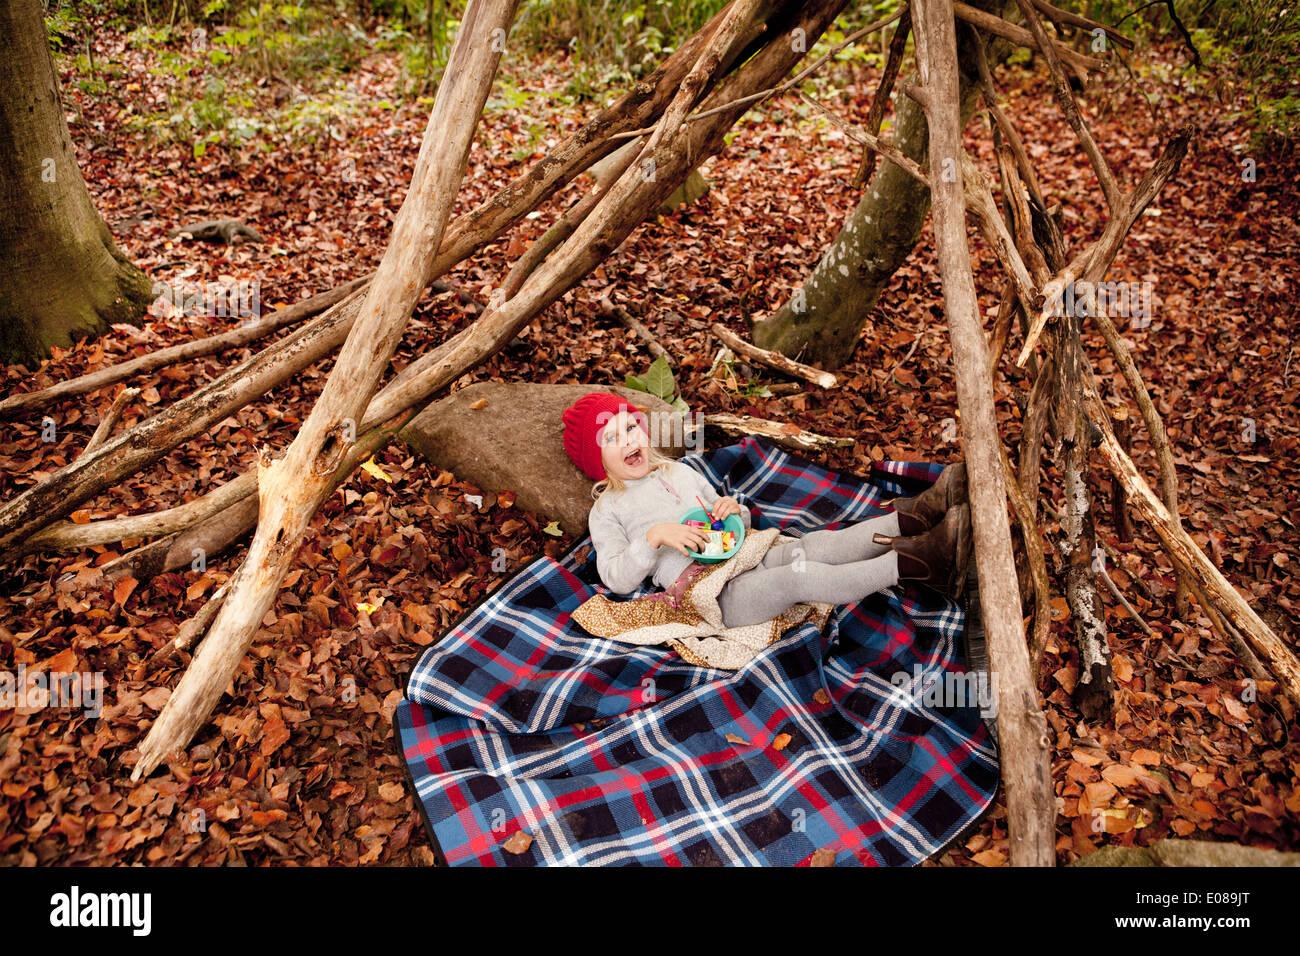 A piena lunghezza Ritratto di ragazza distesa sulla coperta picnic in foresta Immagini Stock